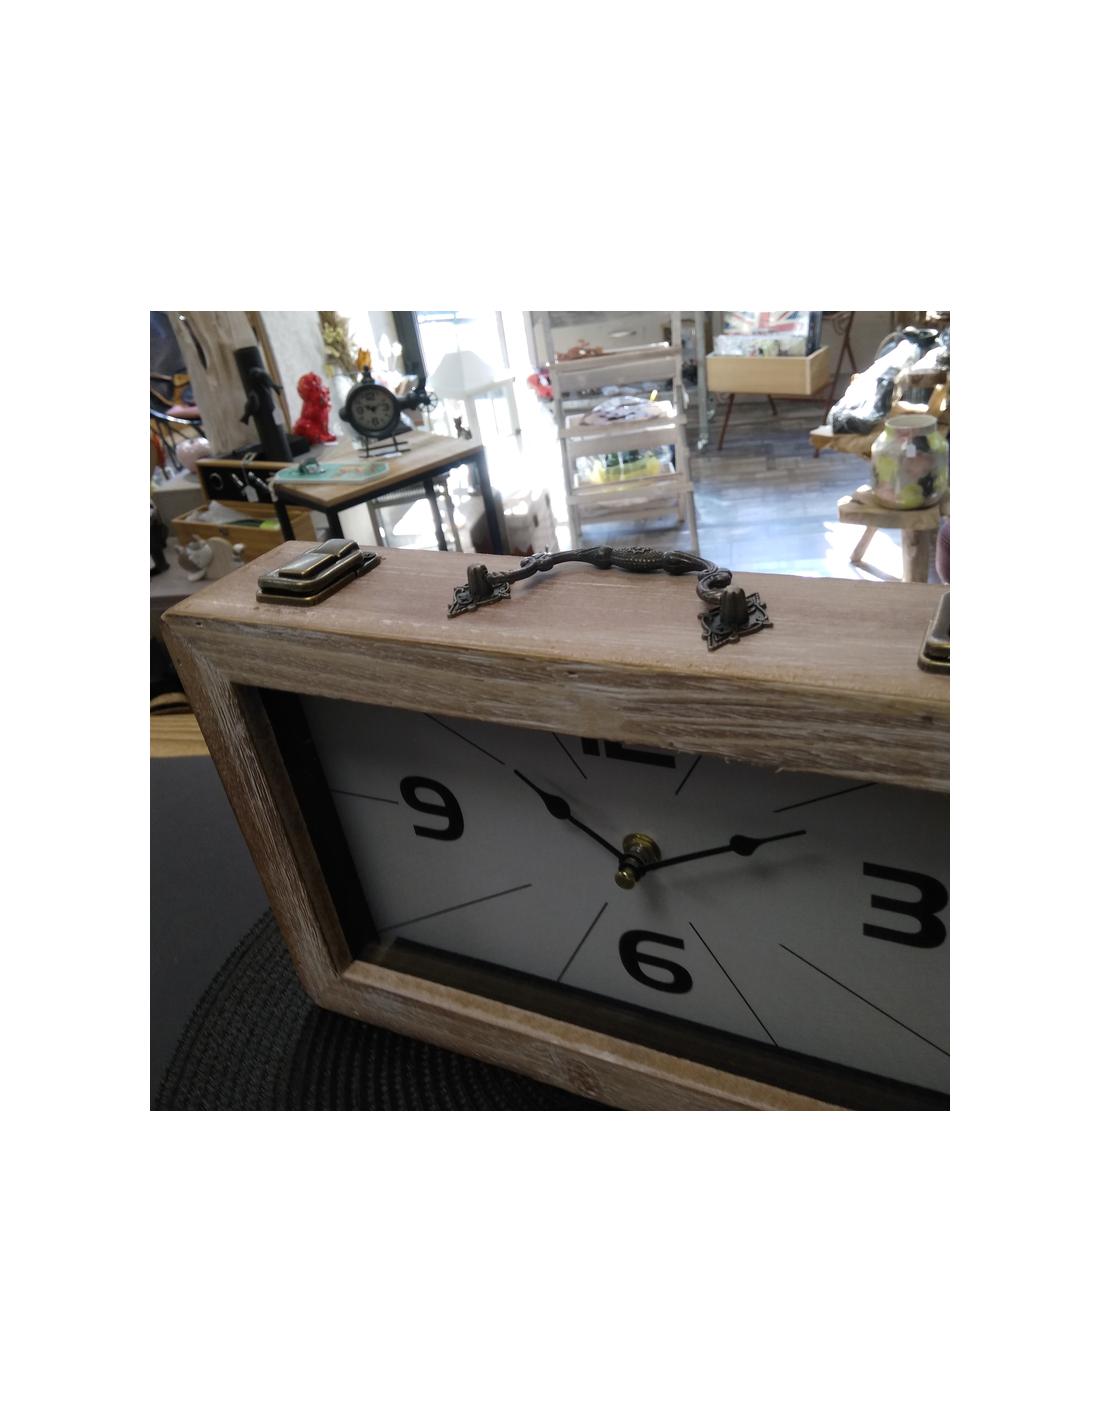 Belle Horloge De Table En Bois Avec Son Style Vintage